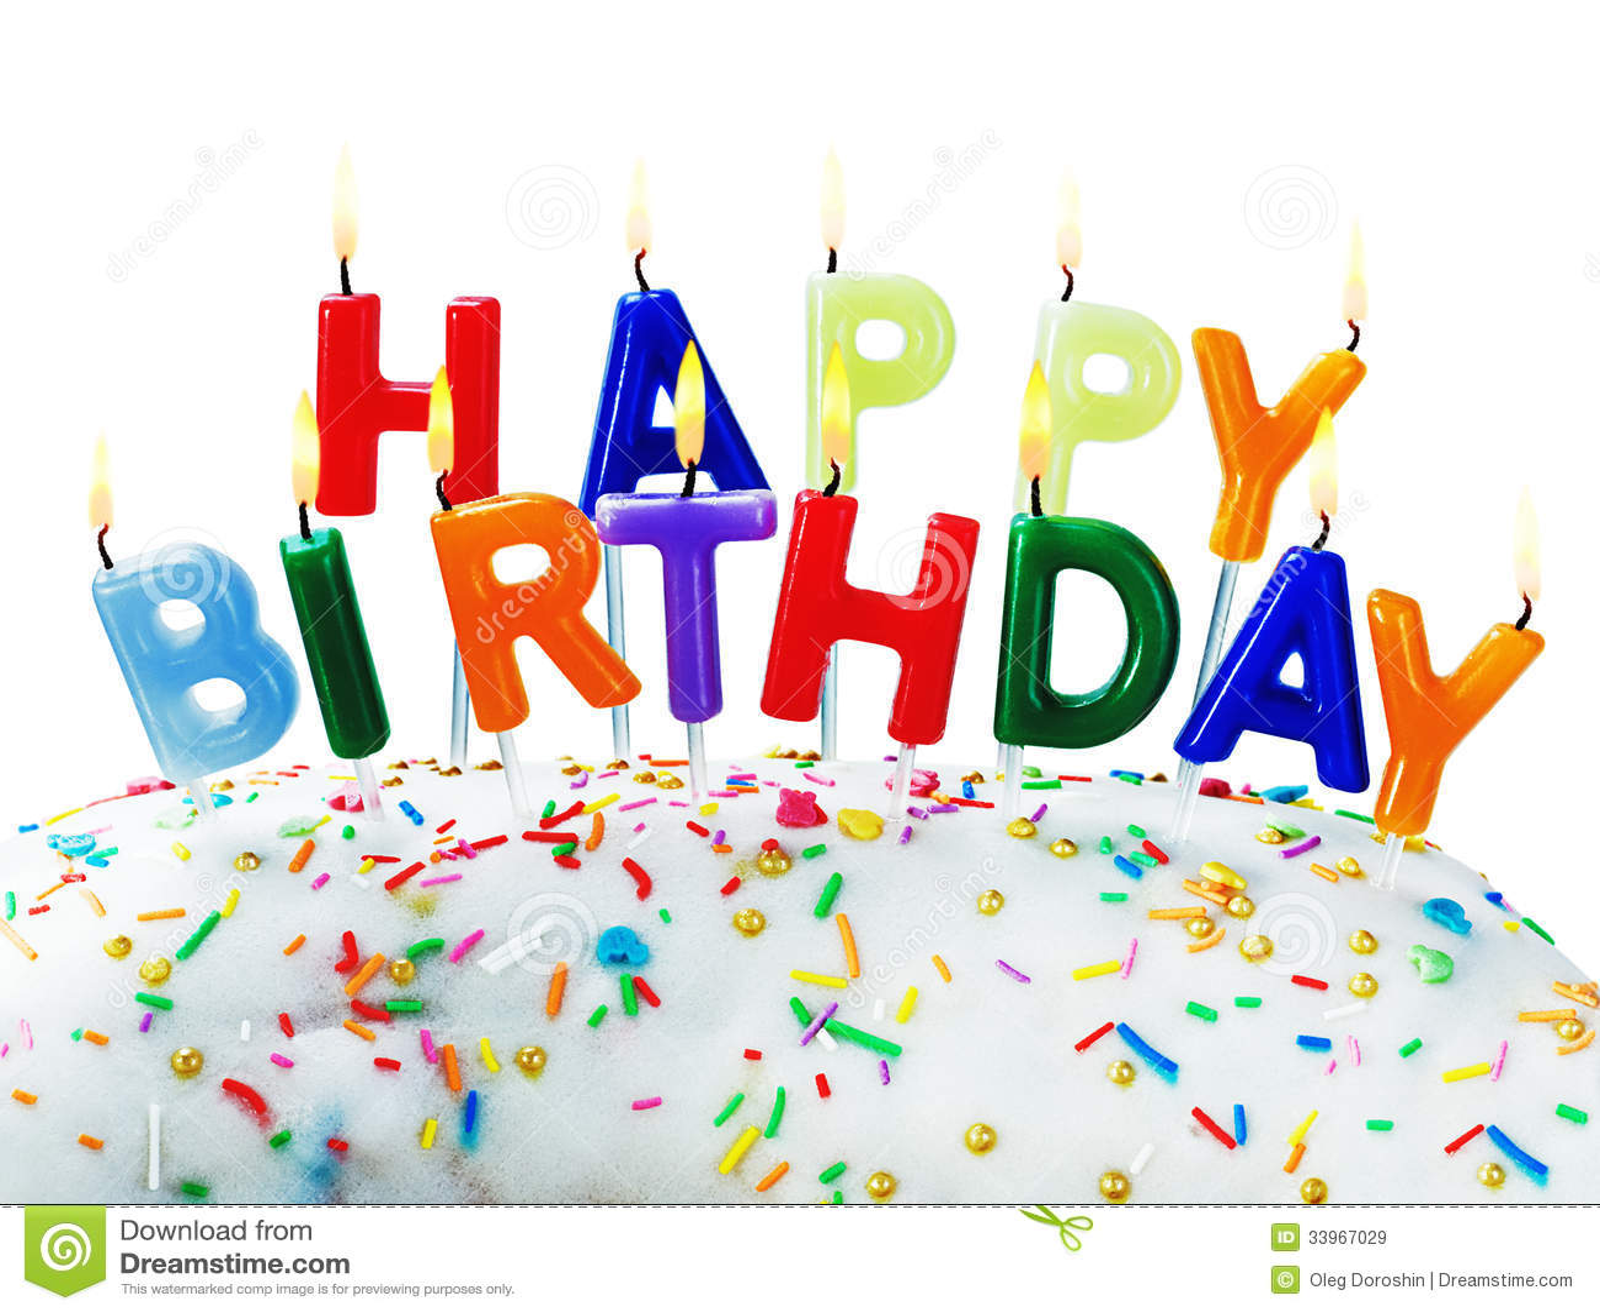 Images Of Happy Birthday Adriana Cake